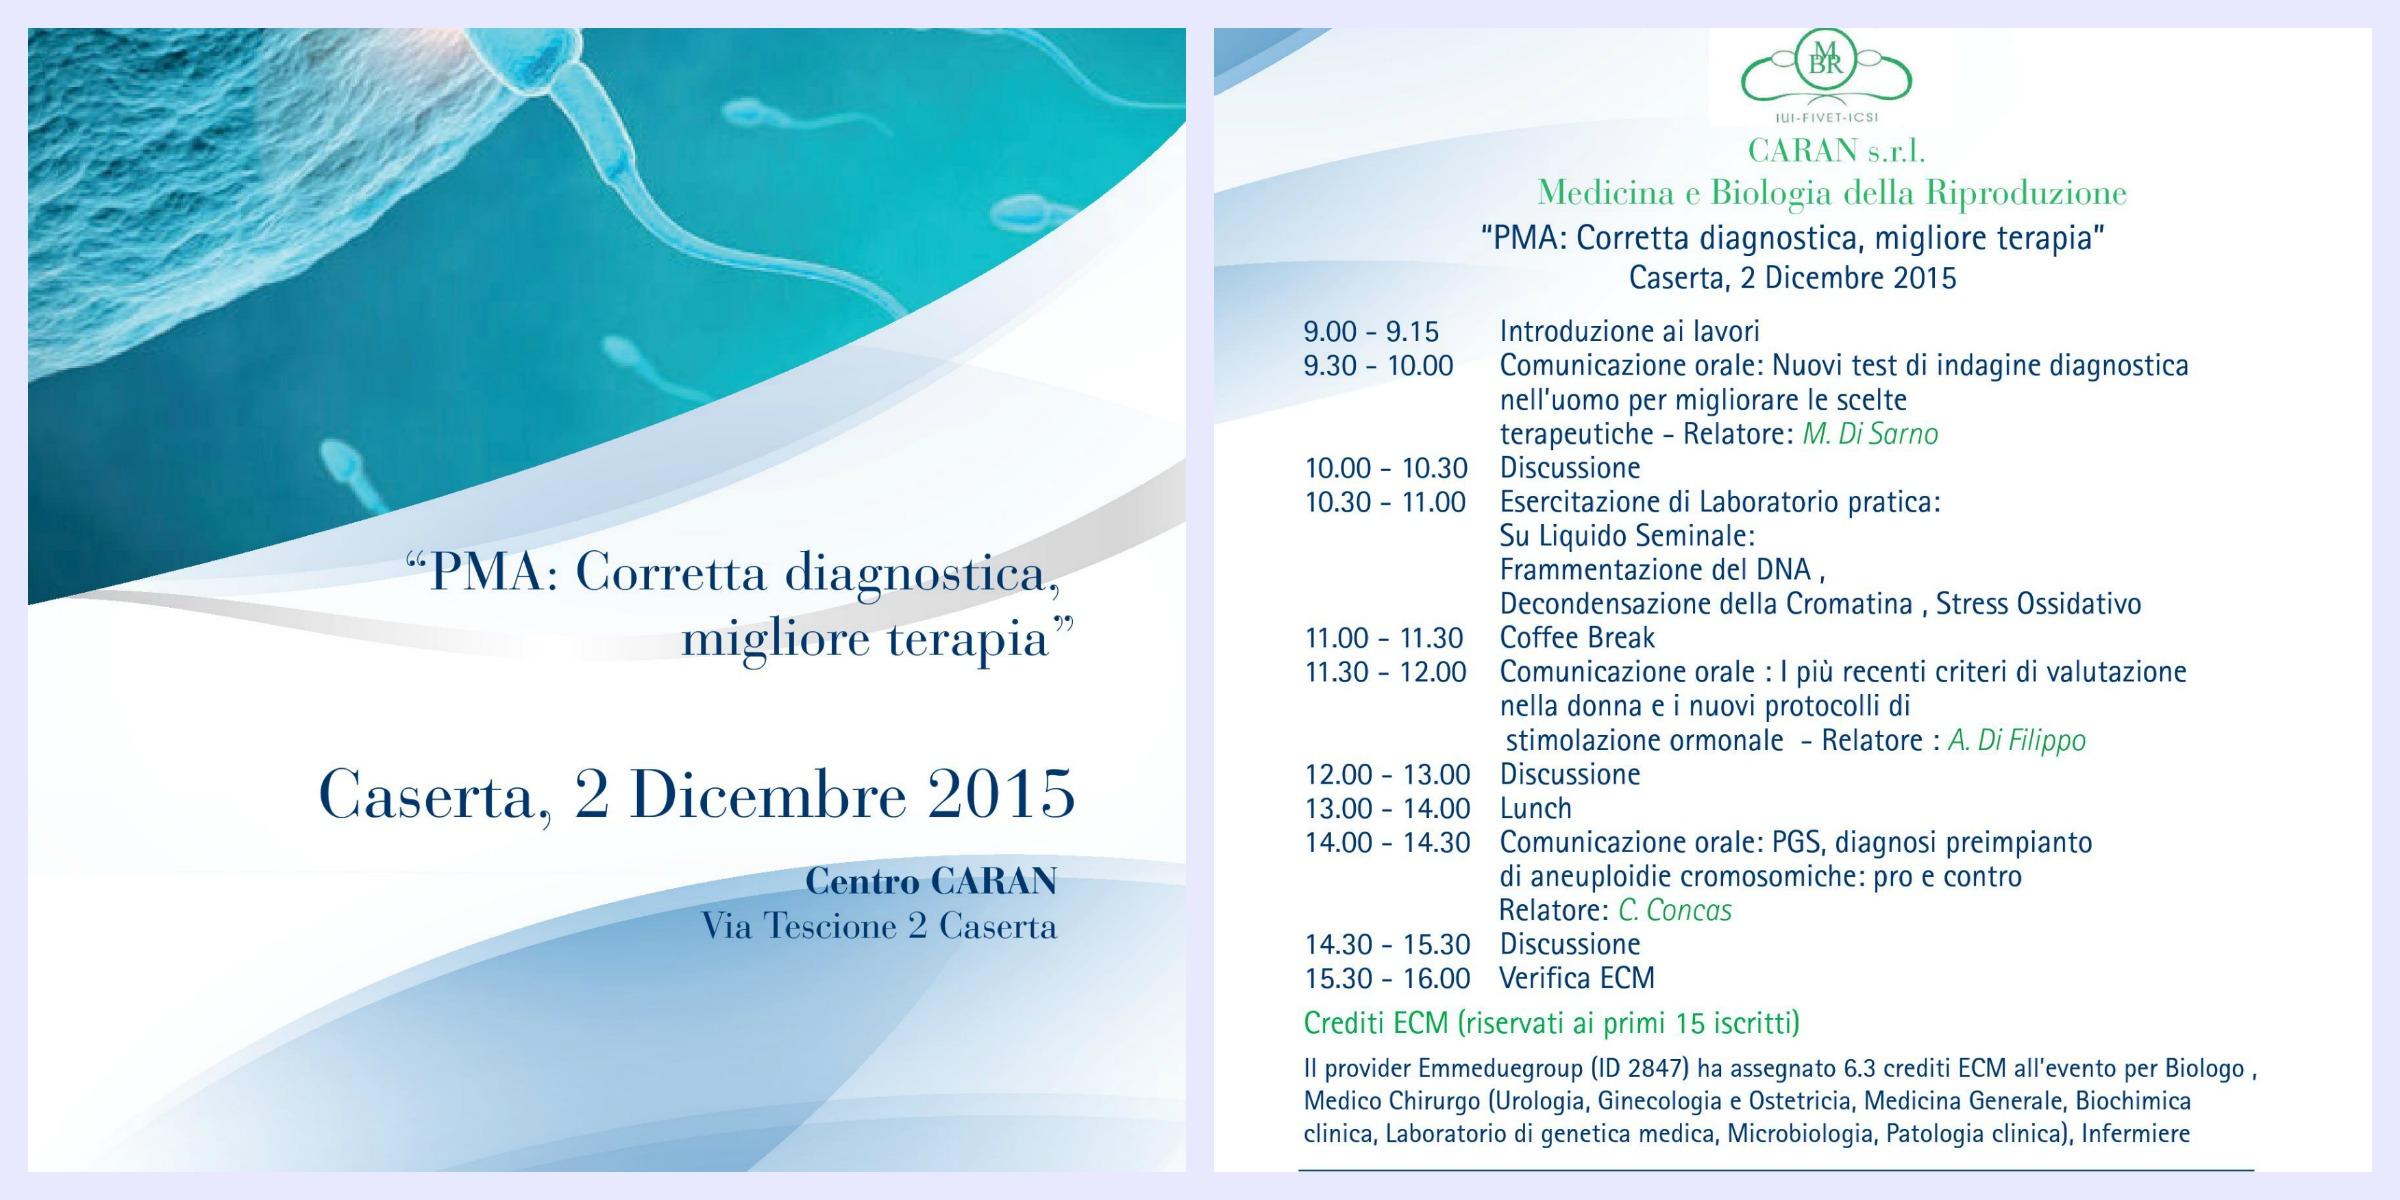 Corretta diagnosi-migliore terapia, Caserta 02 dicembre 2015